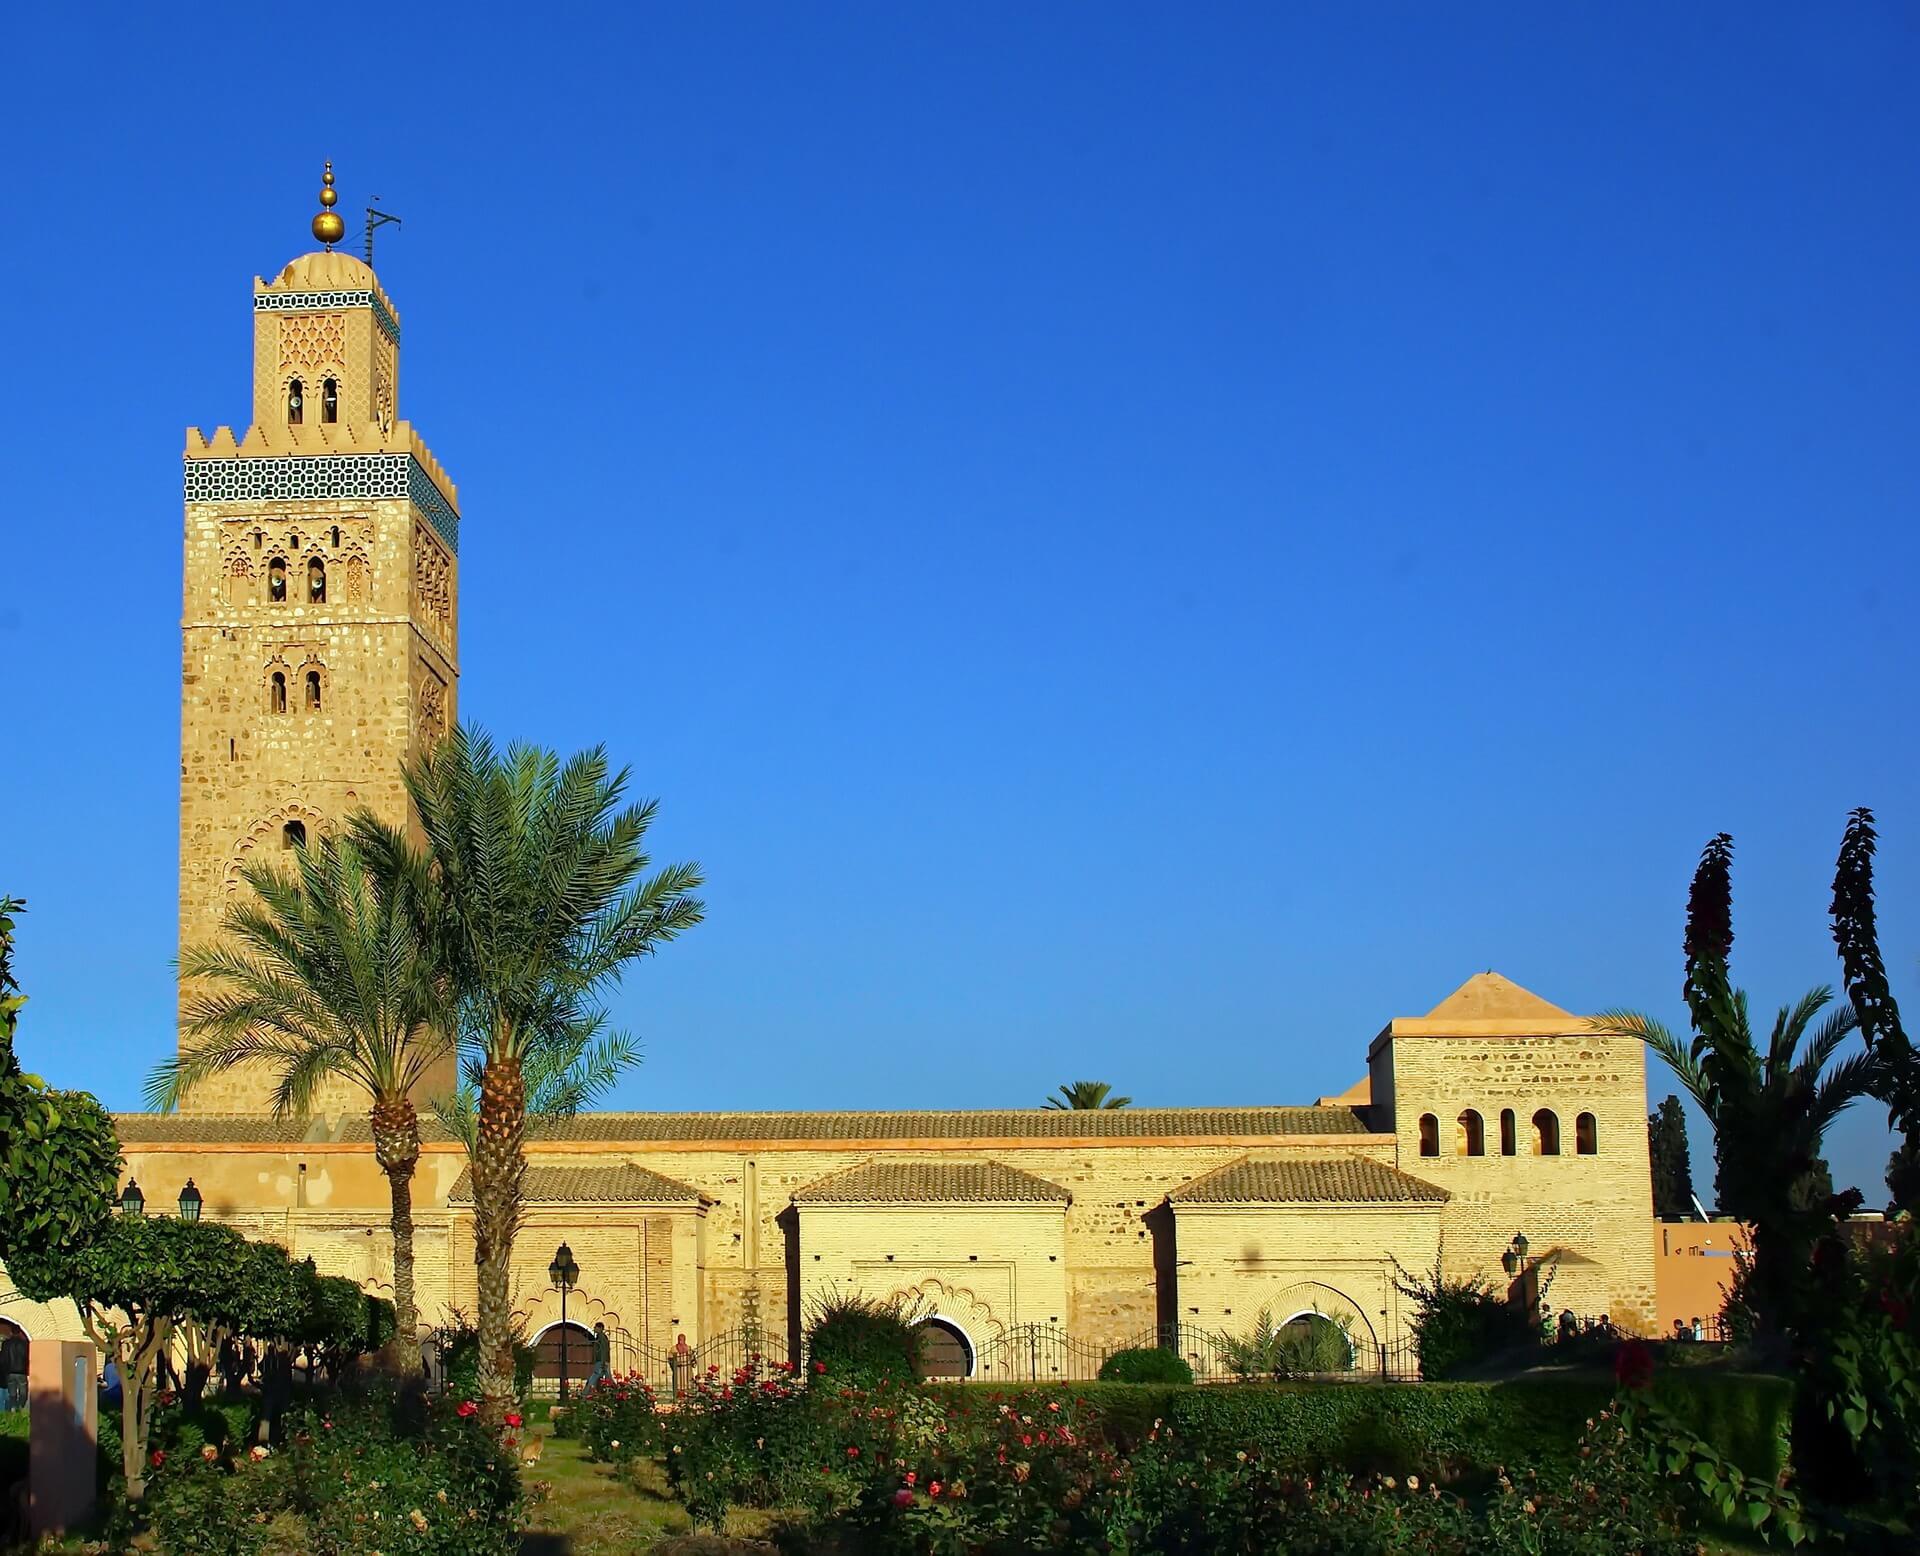 Direktflüge und Billigflüge ab Weeze nach Marrakesch